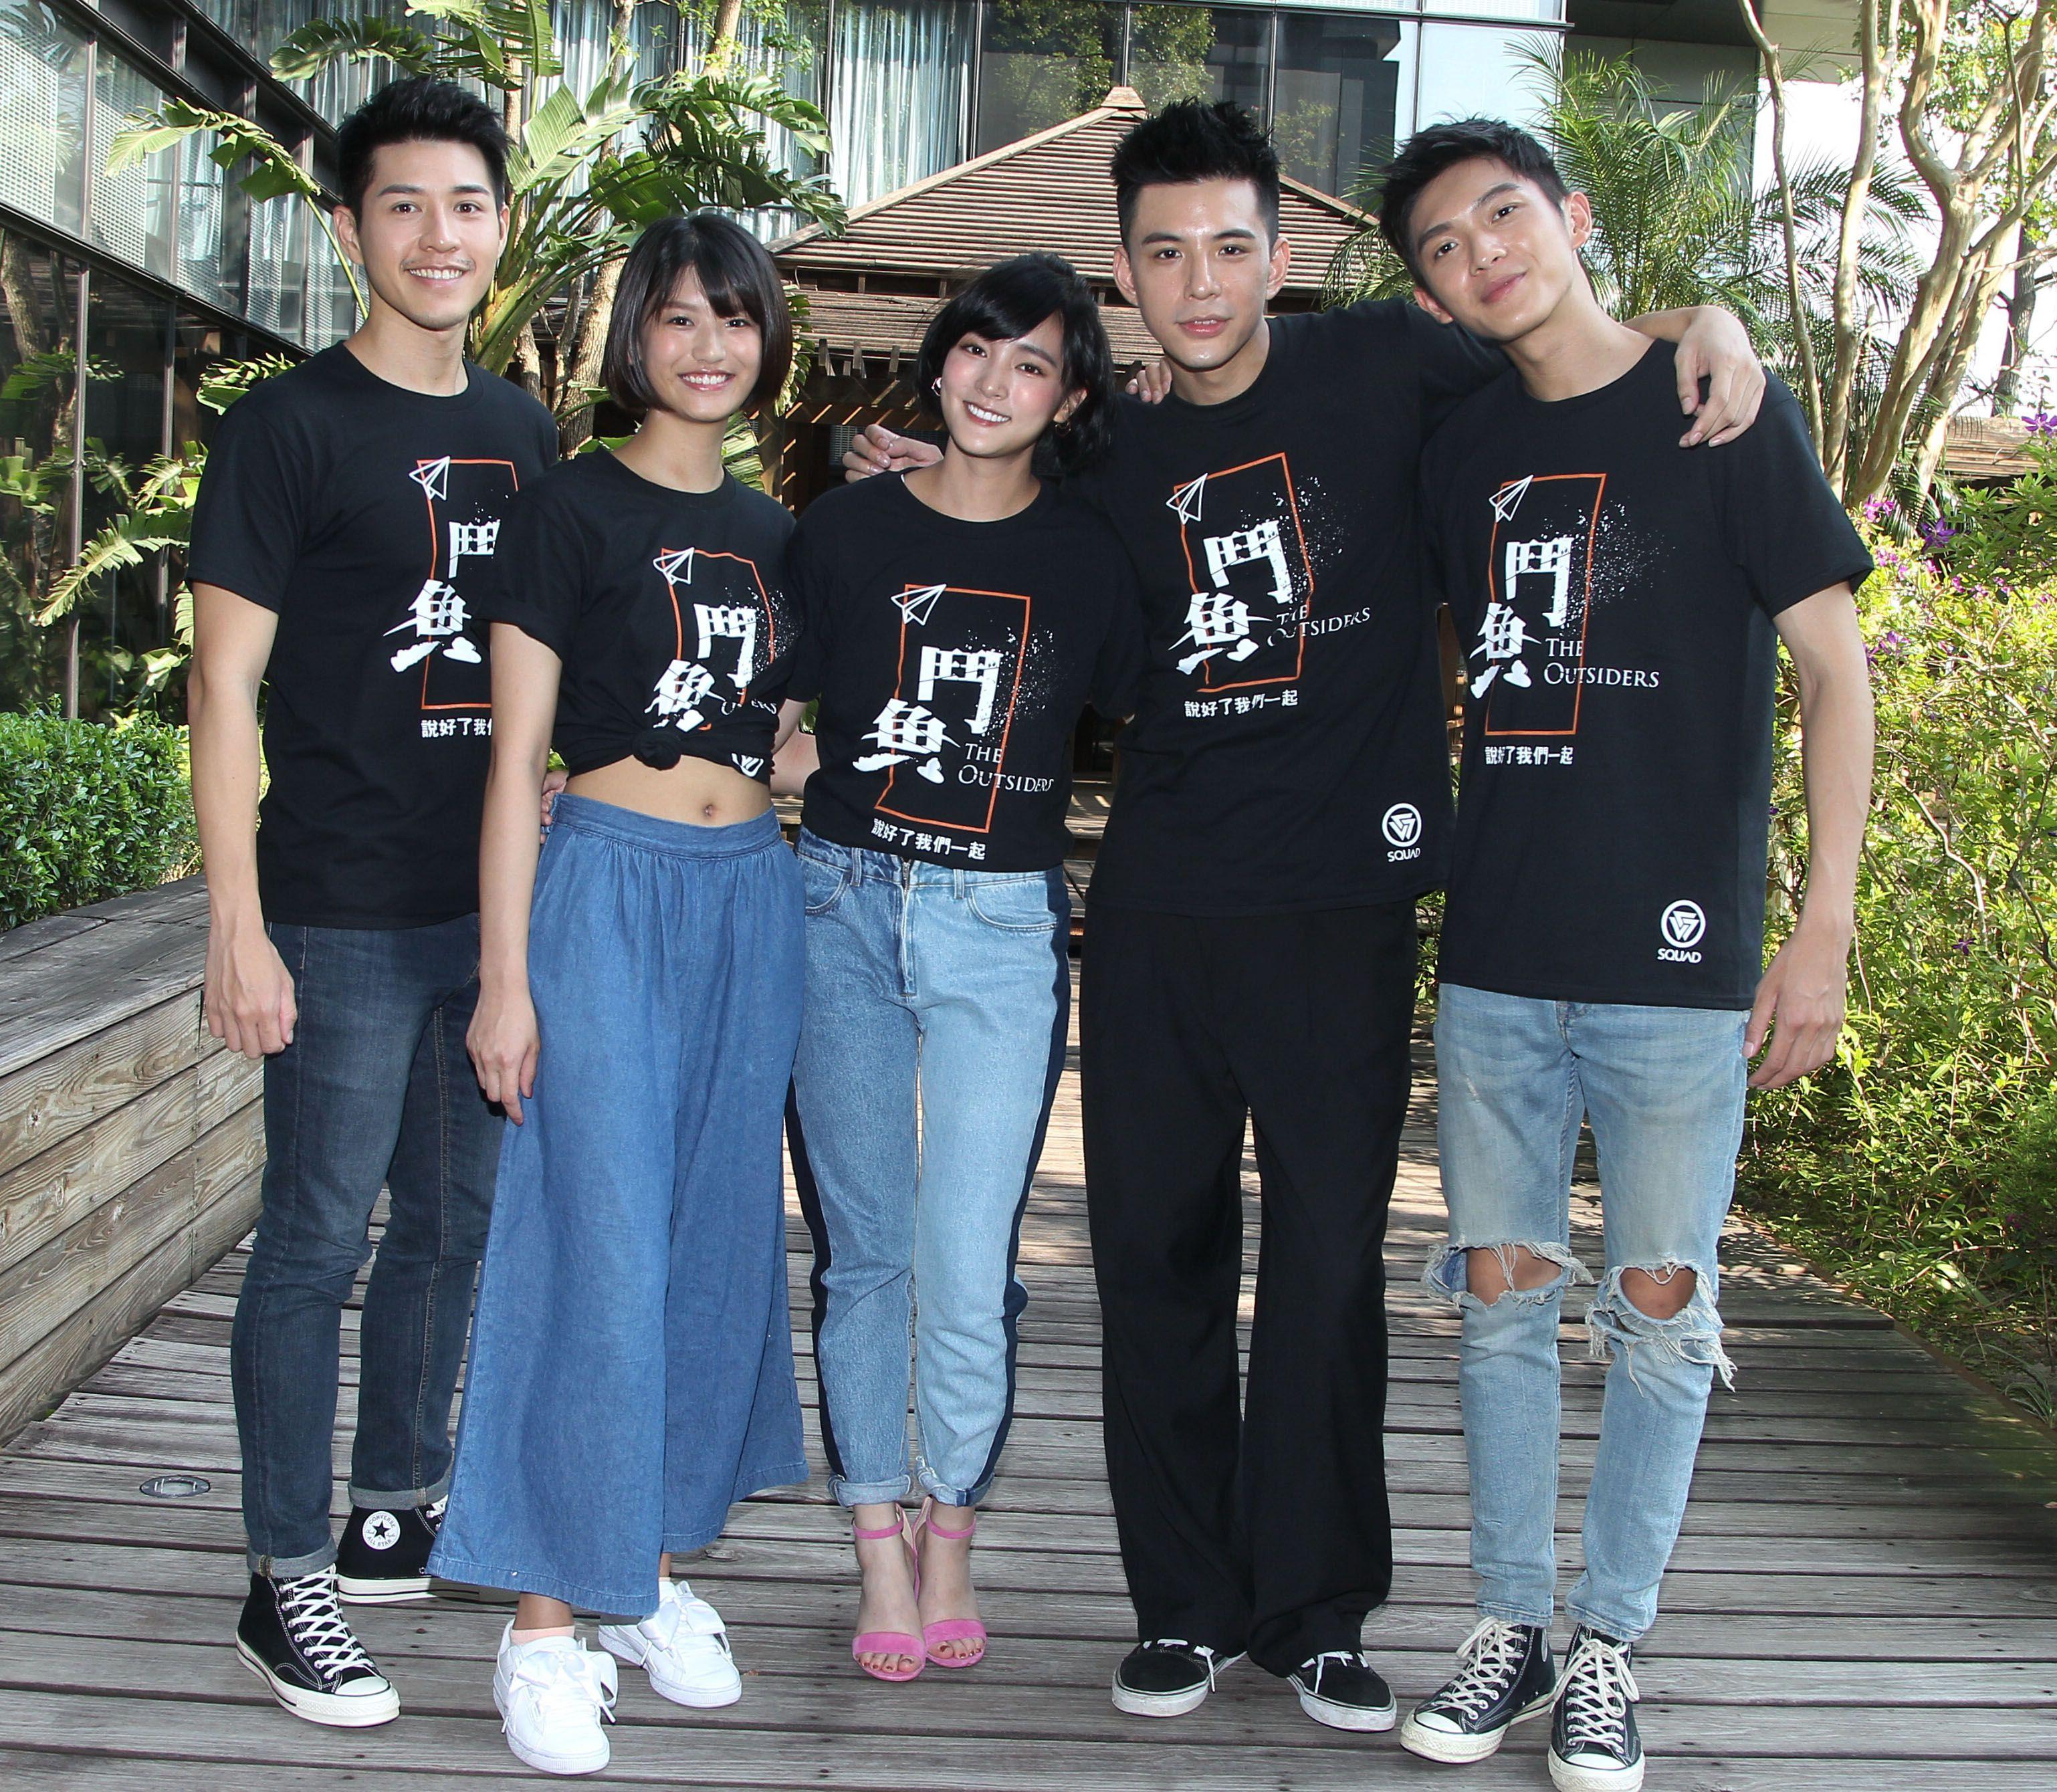 「鬥魚」電影版由新人吳岳擎(由左至右)、虹茜、王淨、林柏叡、林輝瑝演出,對演員來說壓力奇大無比。(記